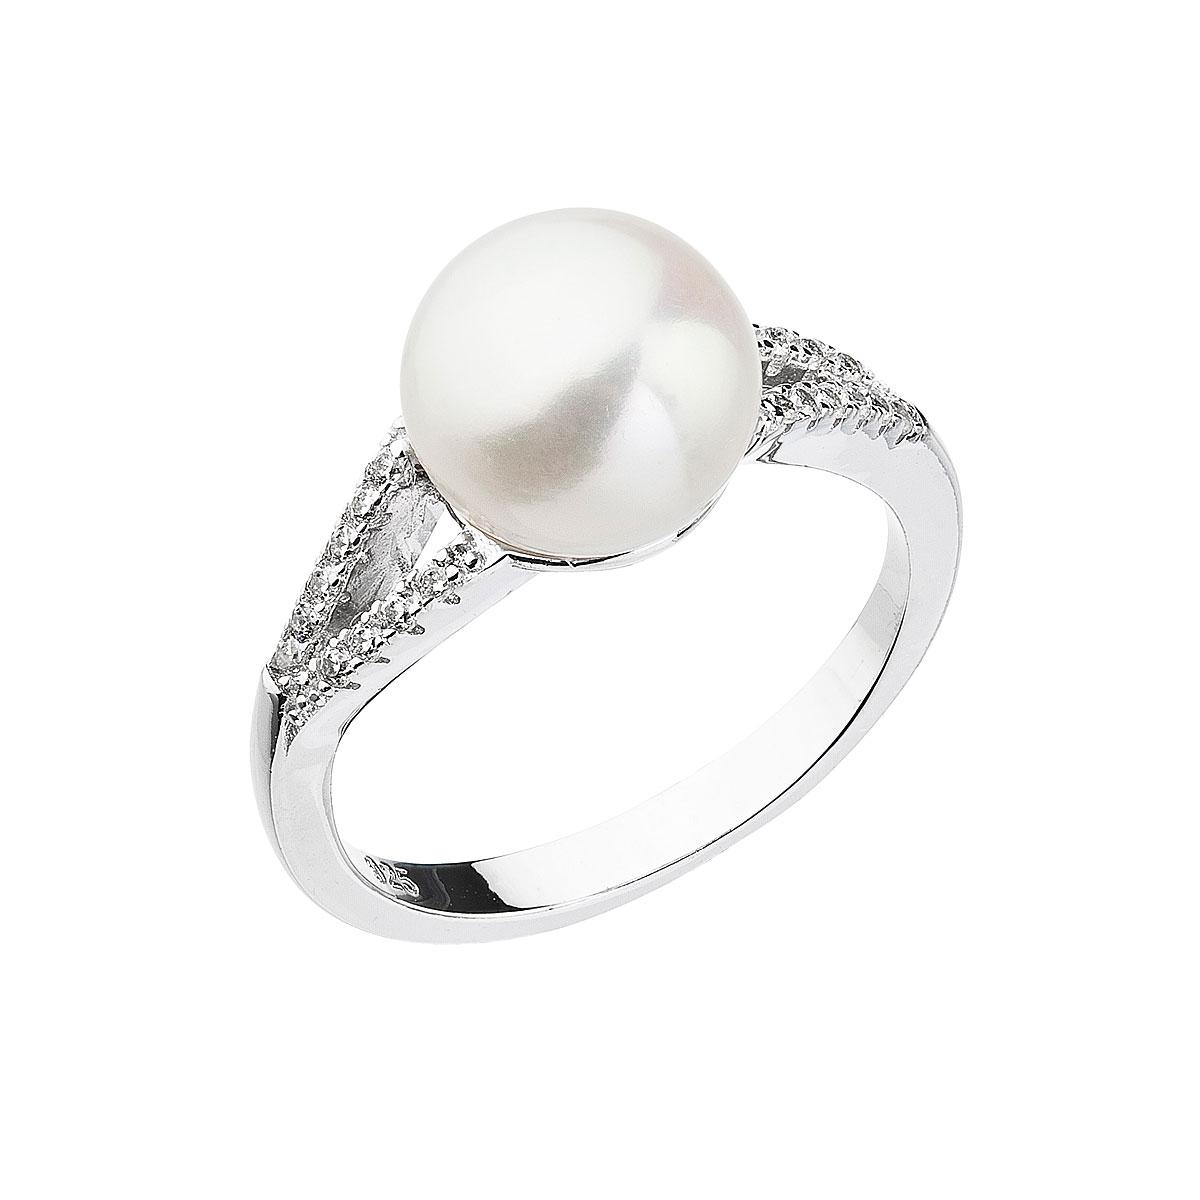 Strieborný prsteň s bielou riečnou perlou 25003.1